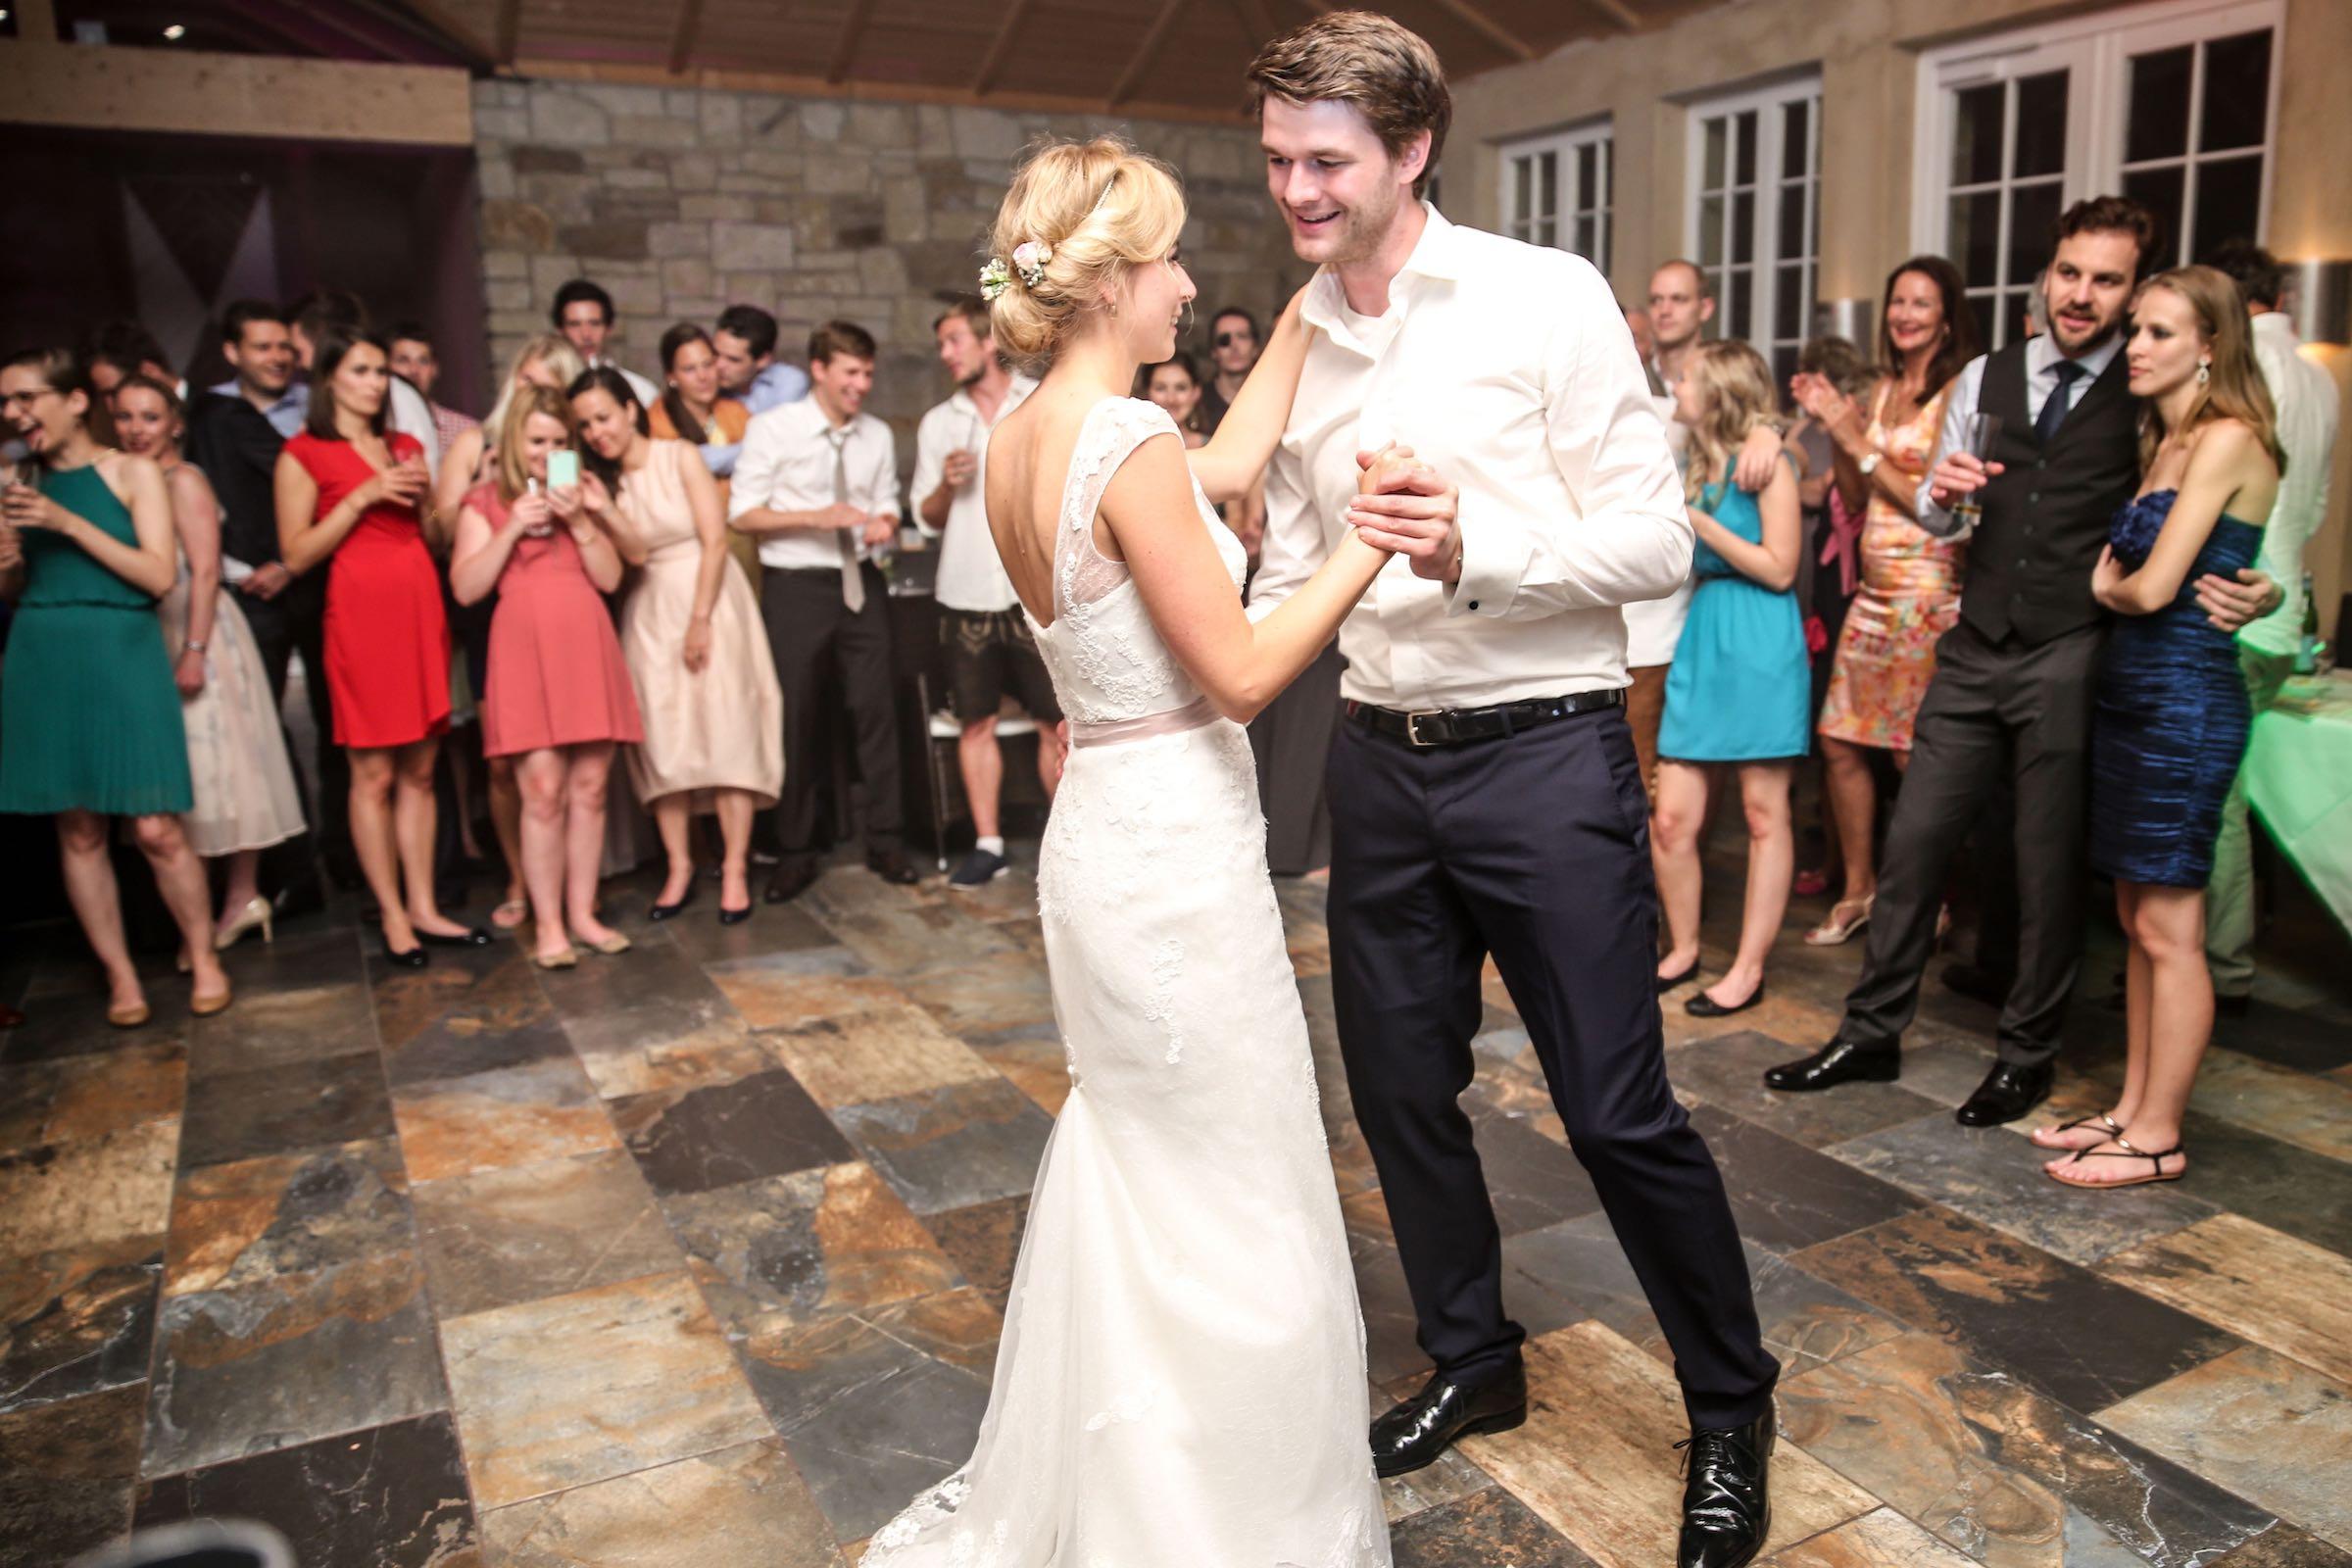 Schloss | Hammerstein | Apelern | Hochzeit | Geburtstag | Firmenfeier | Referenz | Location | DJ | Timm | Lehmann | DJ | Hannover | Eröffnungstanz | DJ | Hochzeitsplaner | Lehmann | Eventservice